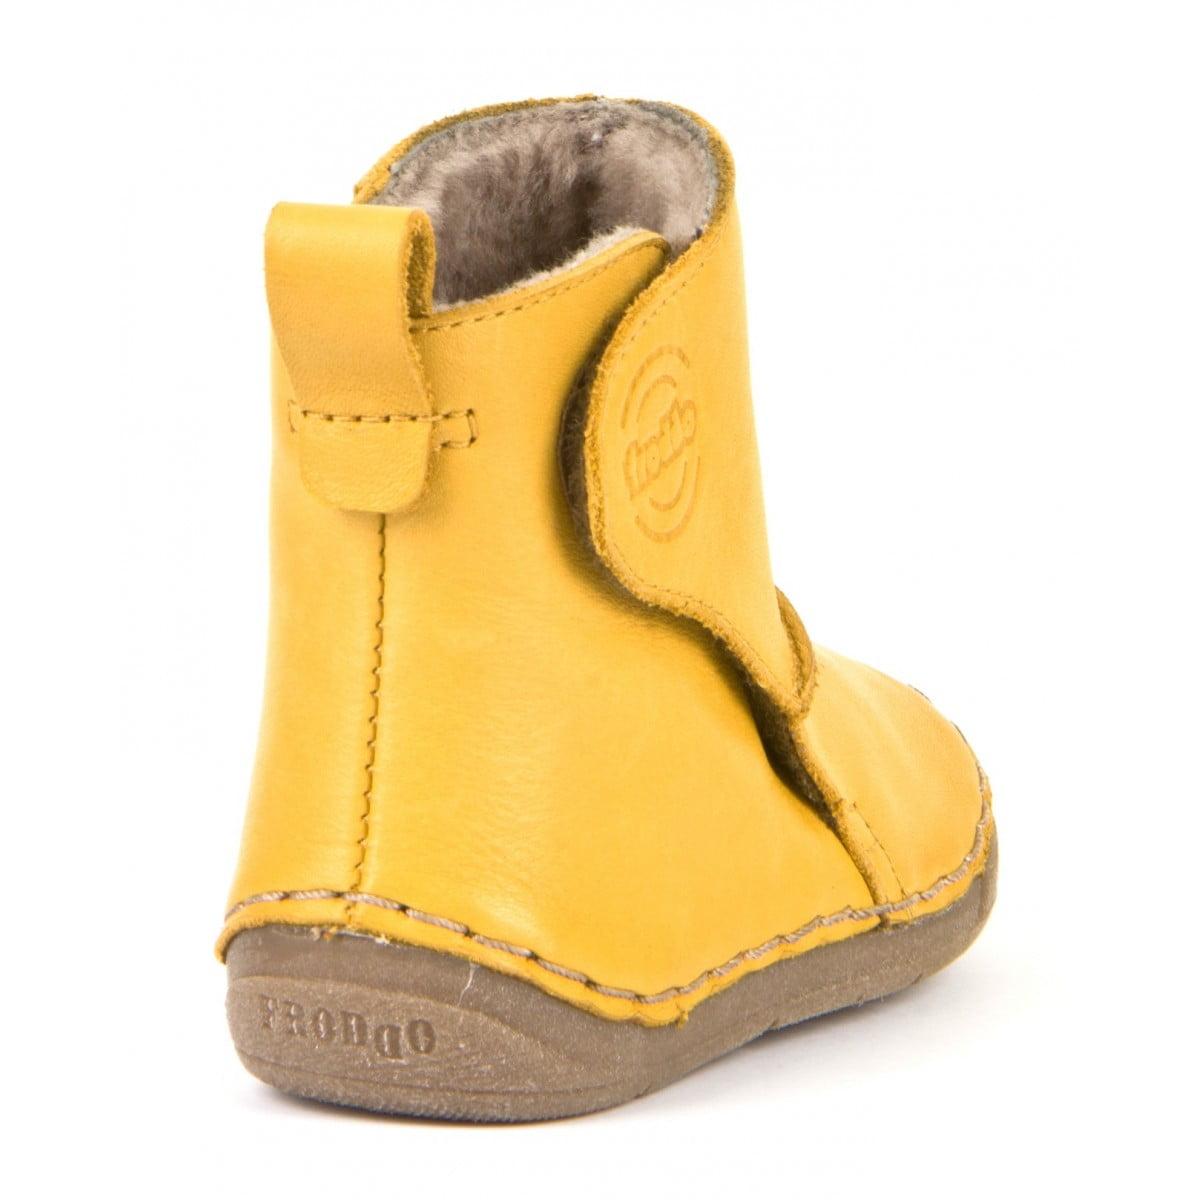 Cizme din piele căptuşite cu blană de miel şi închidere laterală cu velcro şi talpă extra flexibilă Froddo Yellow 1